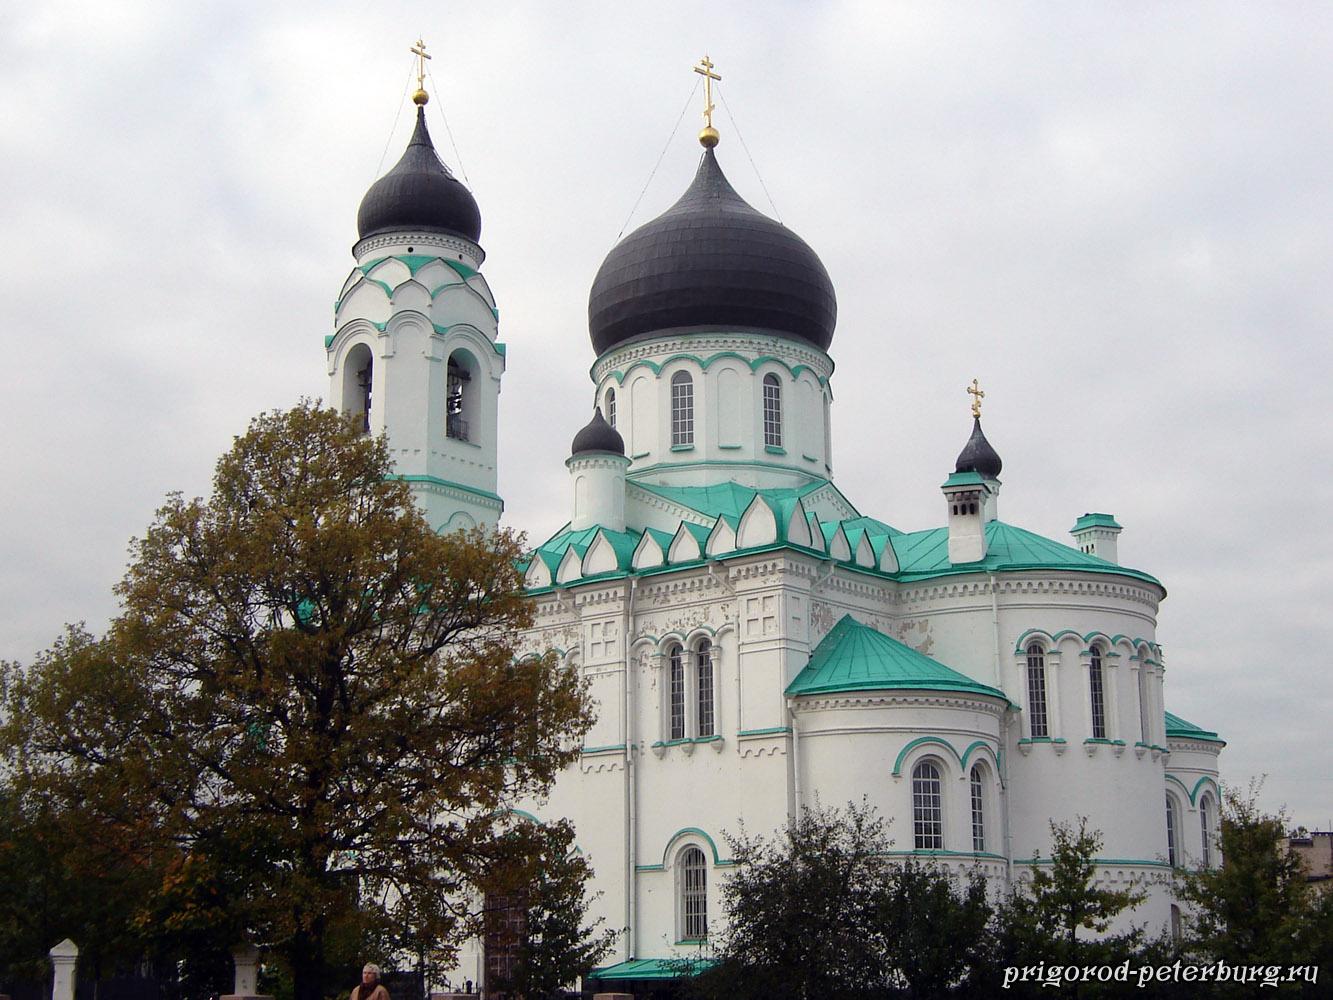 Собор Архангела Михаила (Ломоносов)